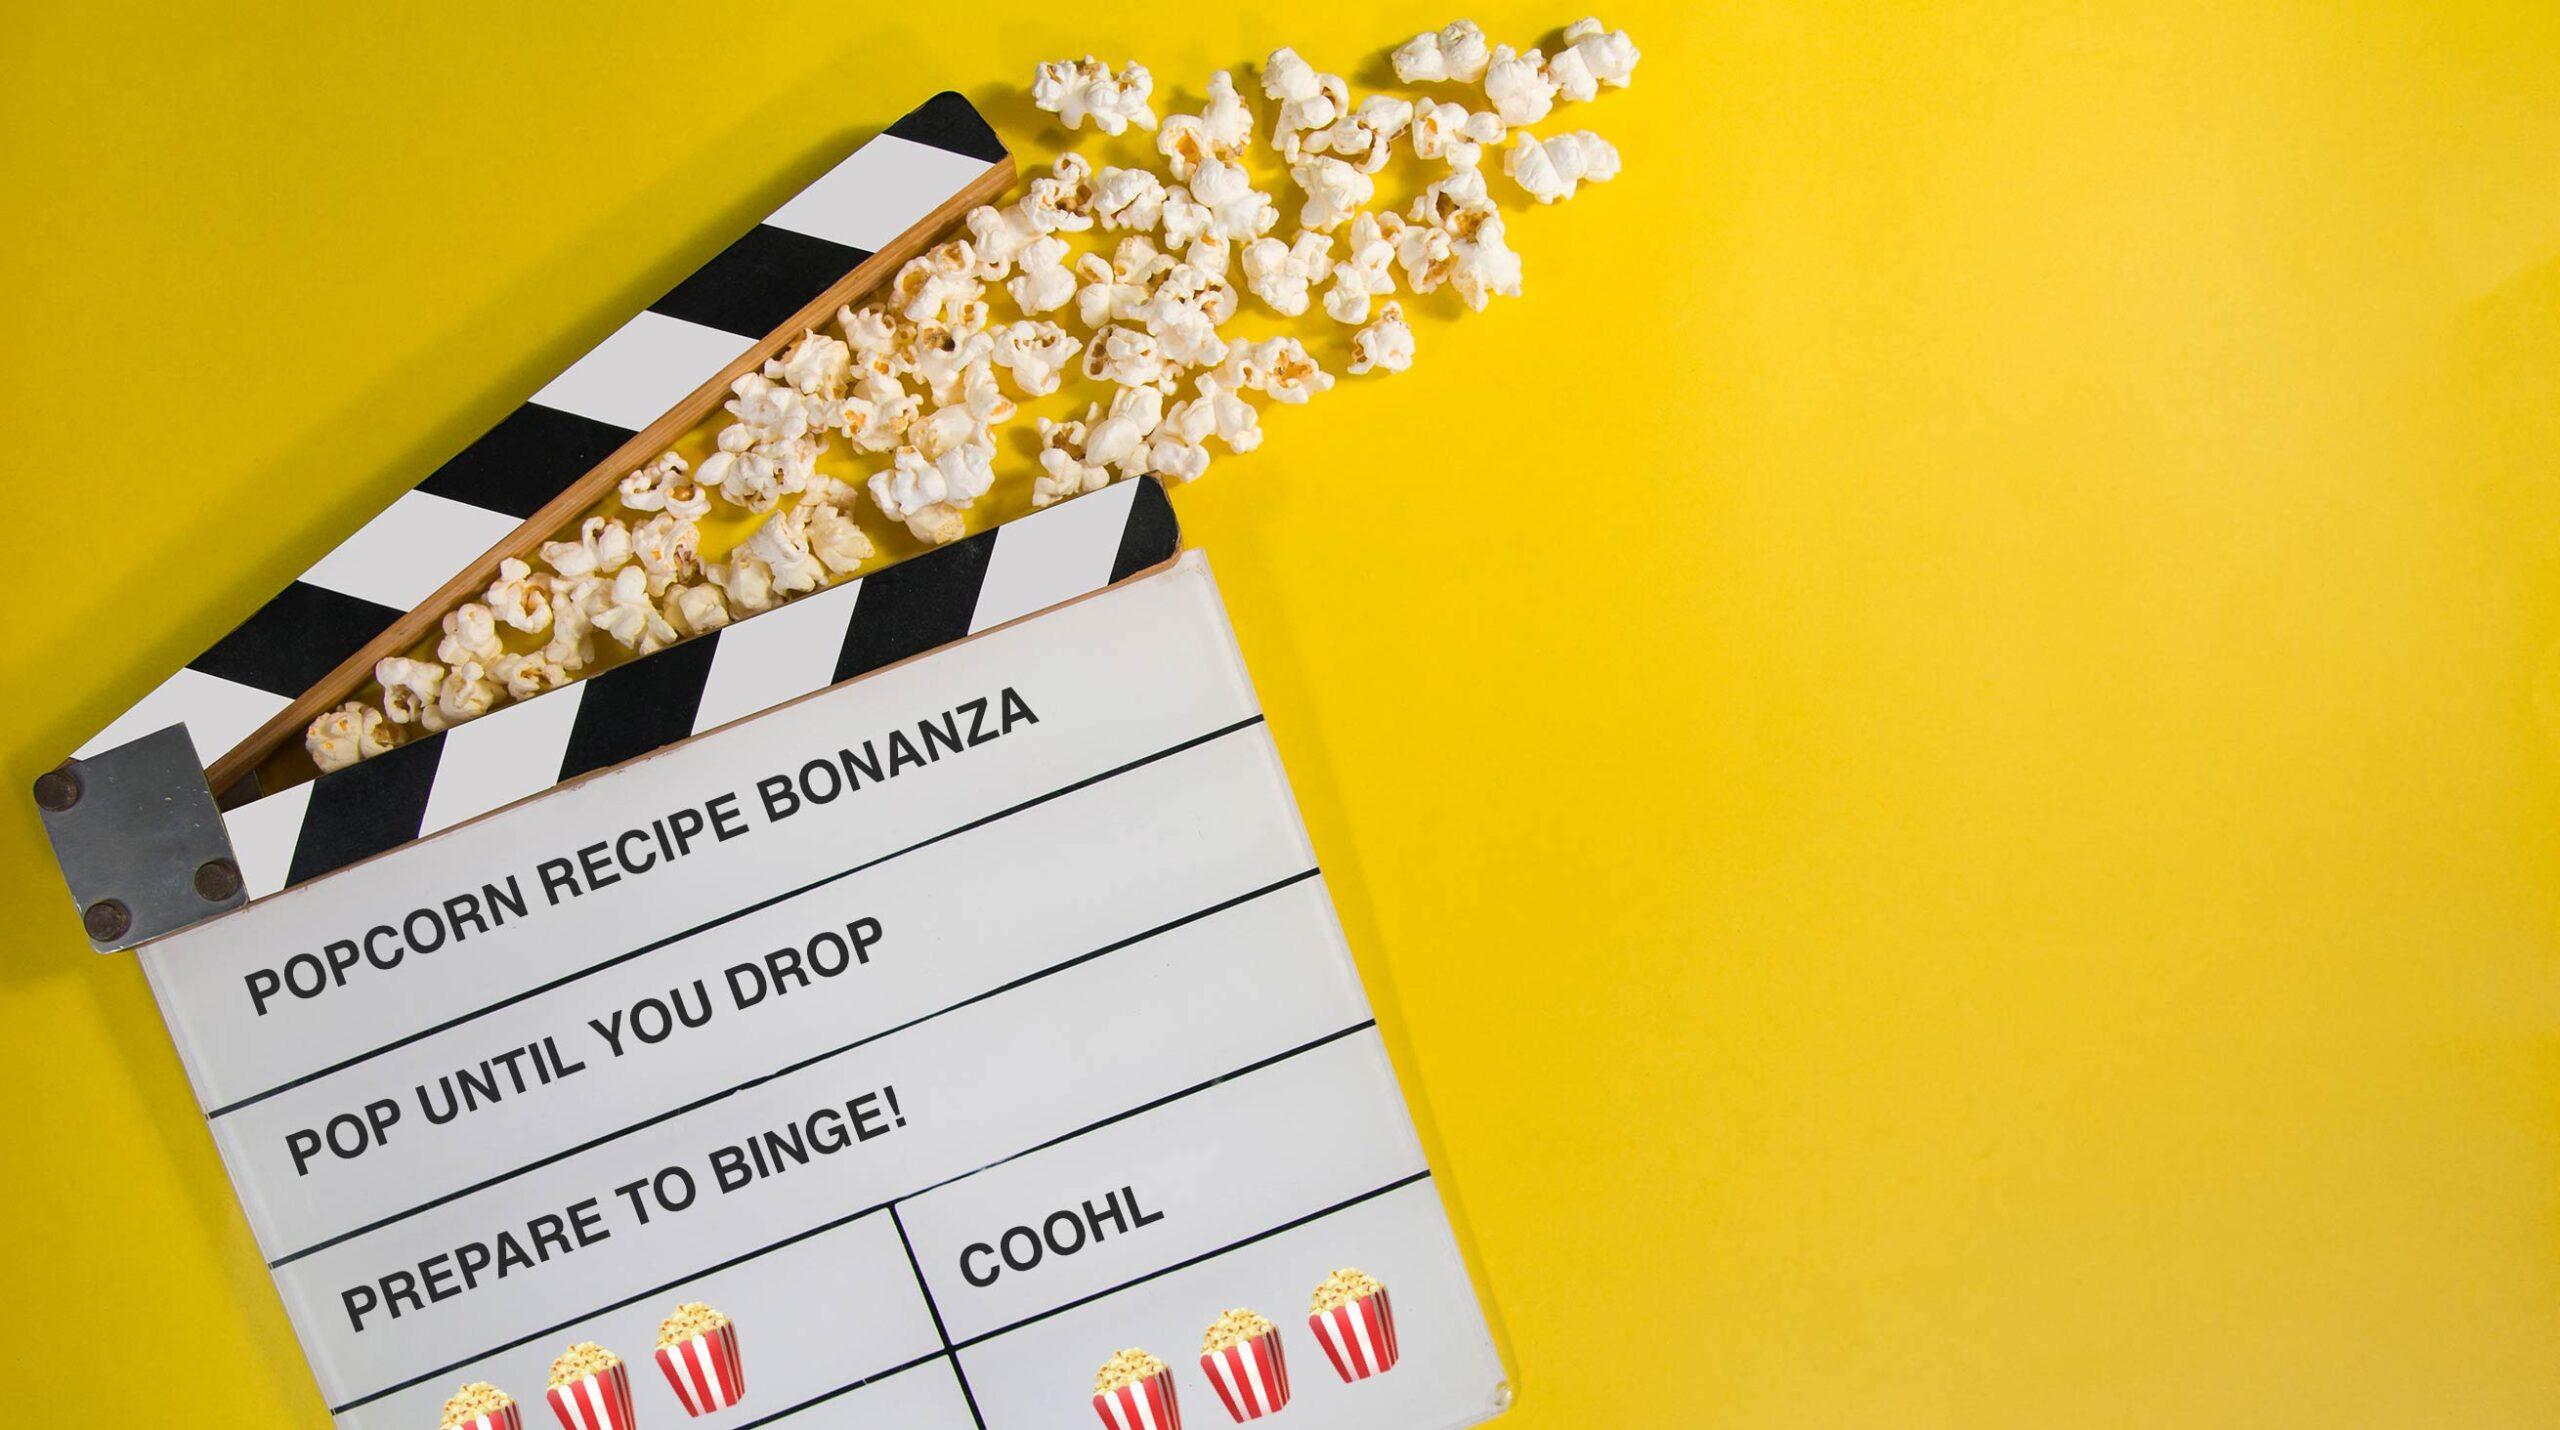 Popcorn Recipe Bonanza!